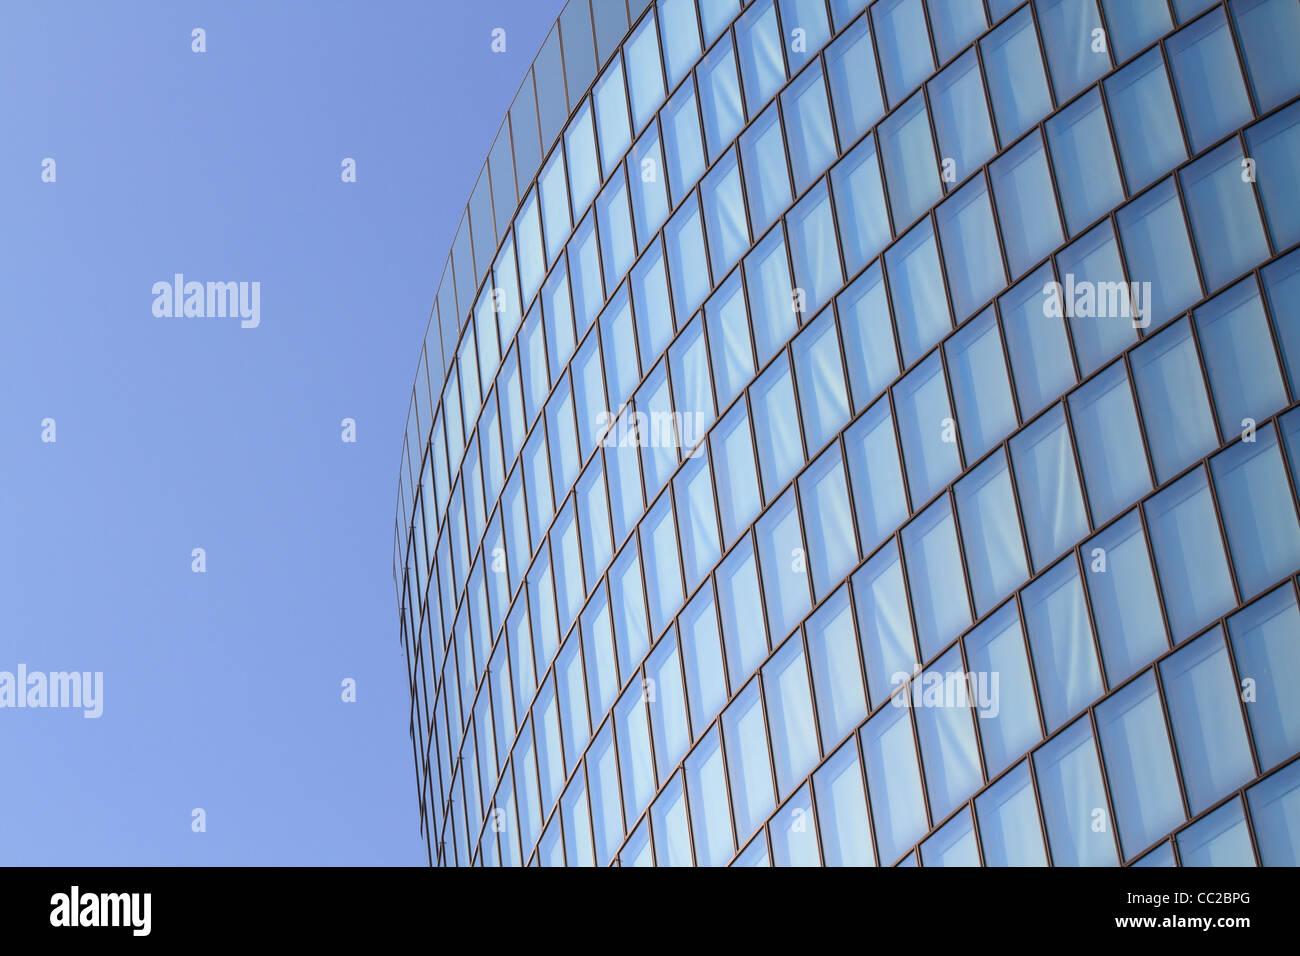 Moderne Glas-Fassade des Büroturms vor blauem Himmel Stockbild